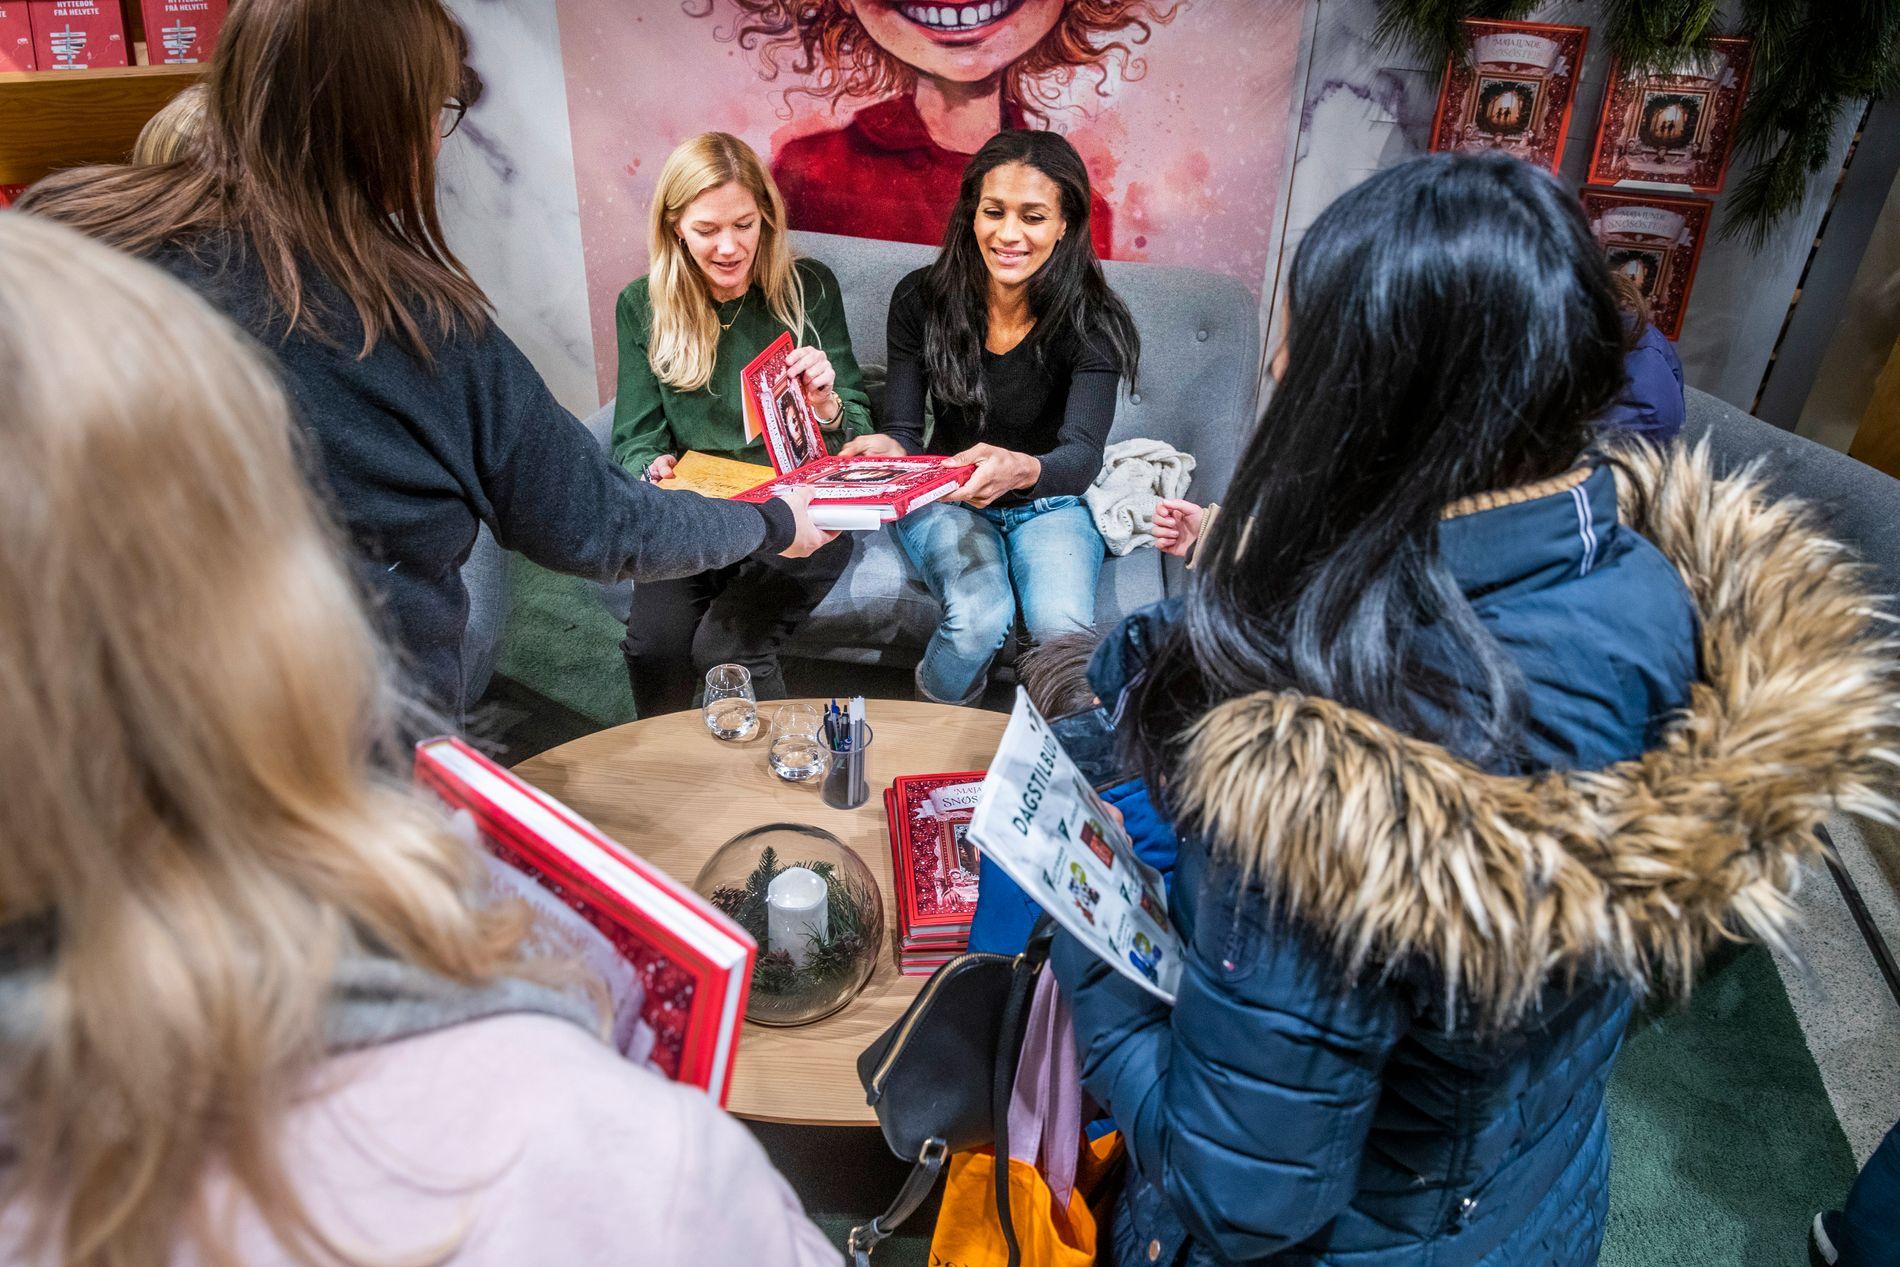 TRAVEL HØST: Forfatter Maja Lunde og illustratør Lisa Aisato fikk litt mer å gjøre enn de trodde da «Snøsøsteren» tok helt av. Her på signeringsrunde i Oslo i forrige uke. Bare siden boken kom i midten av oktober med et førsteopplag på 11.000 er de nå oppe i et opplag på 250.000 bøker.